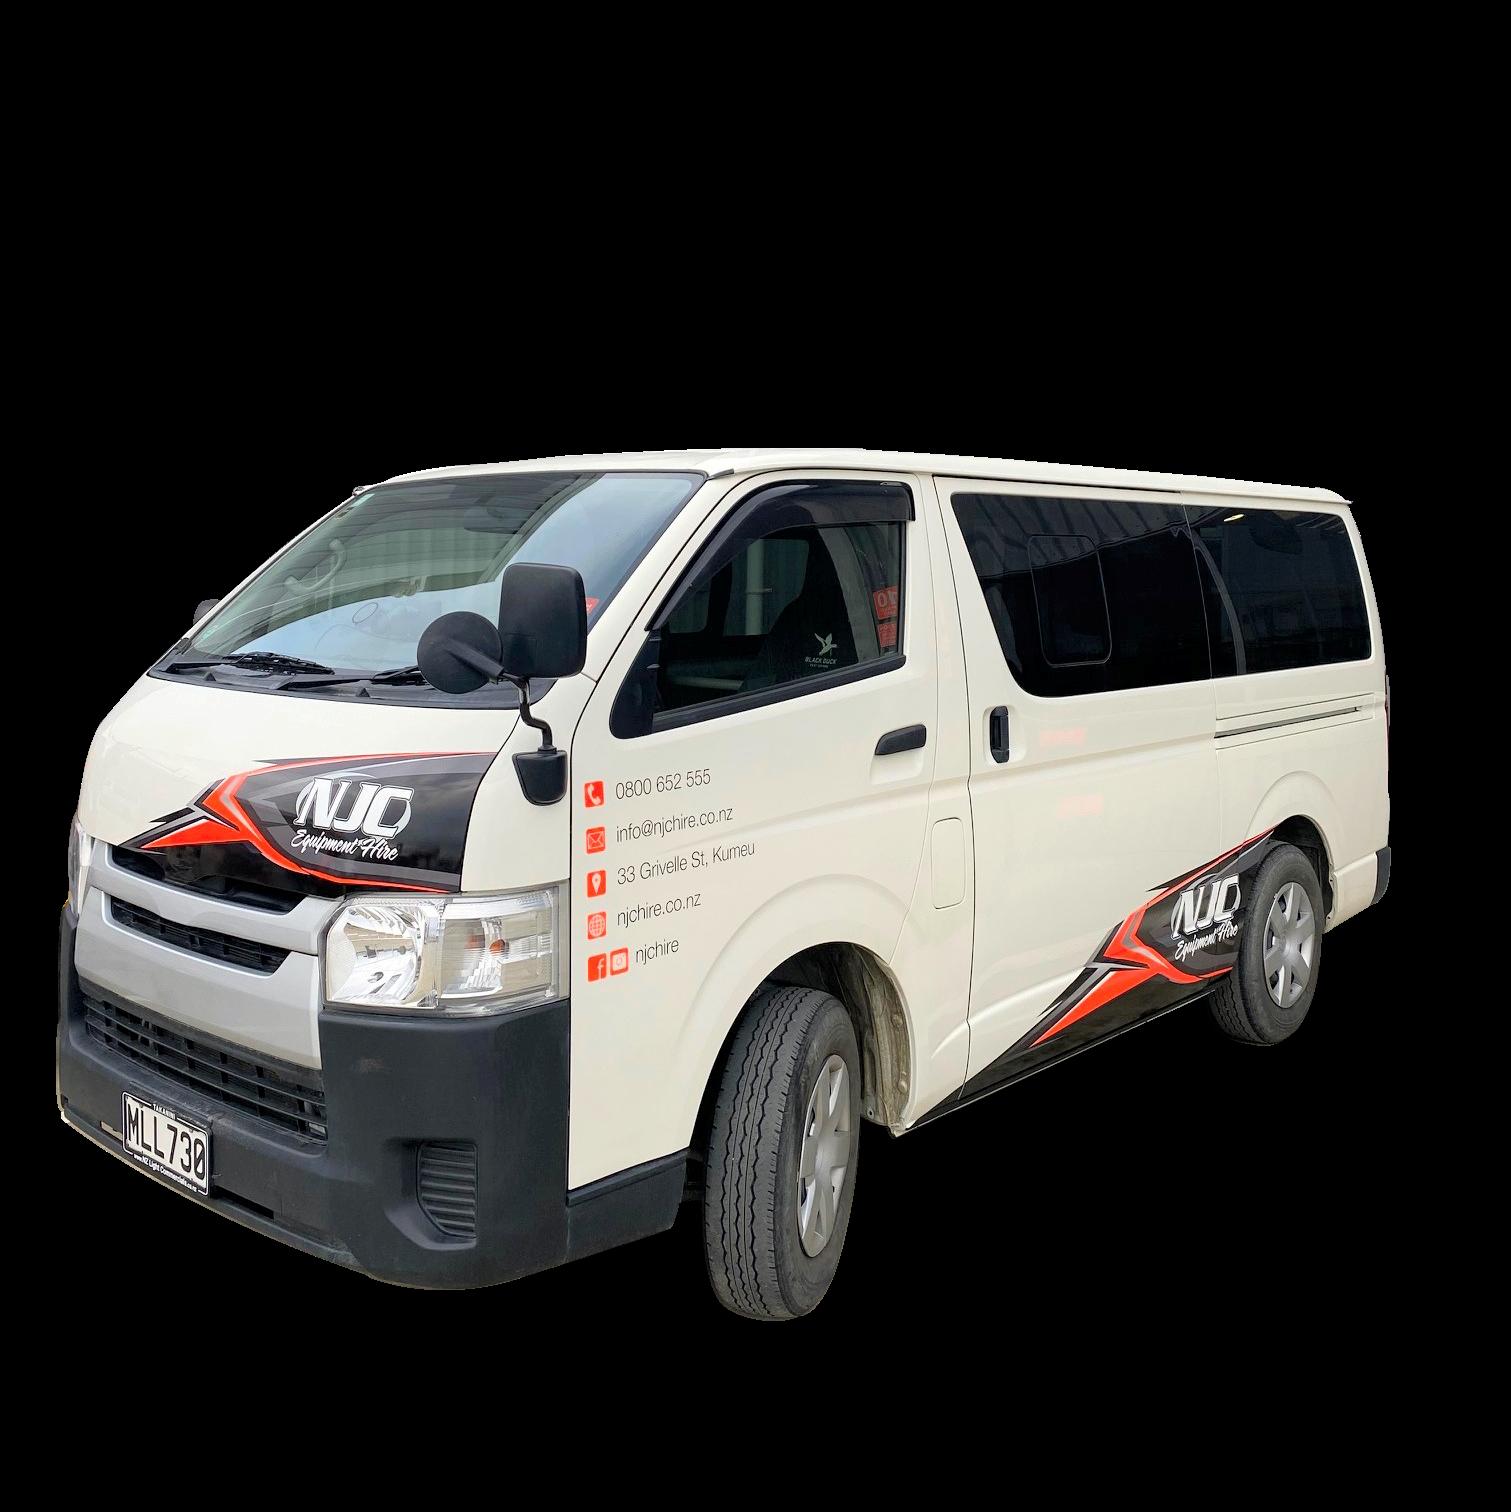 NJC Hire 4WD Van